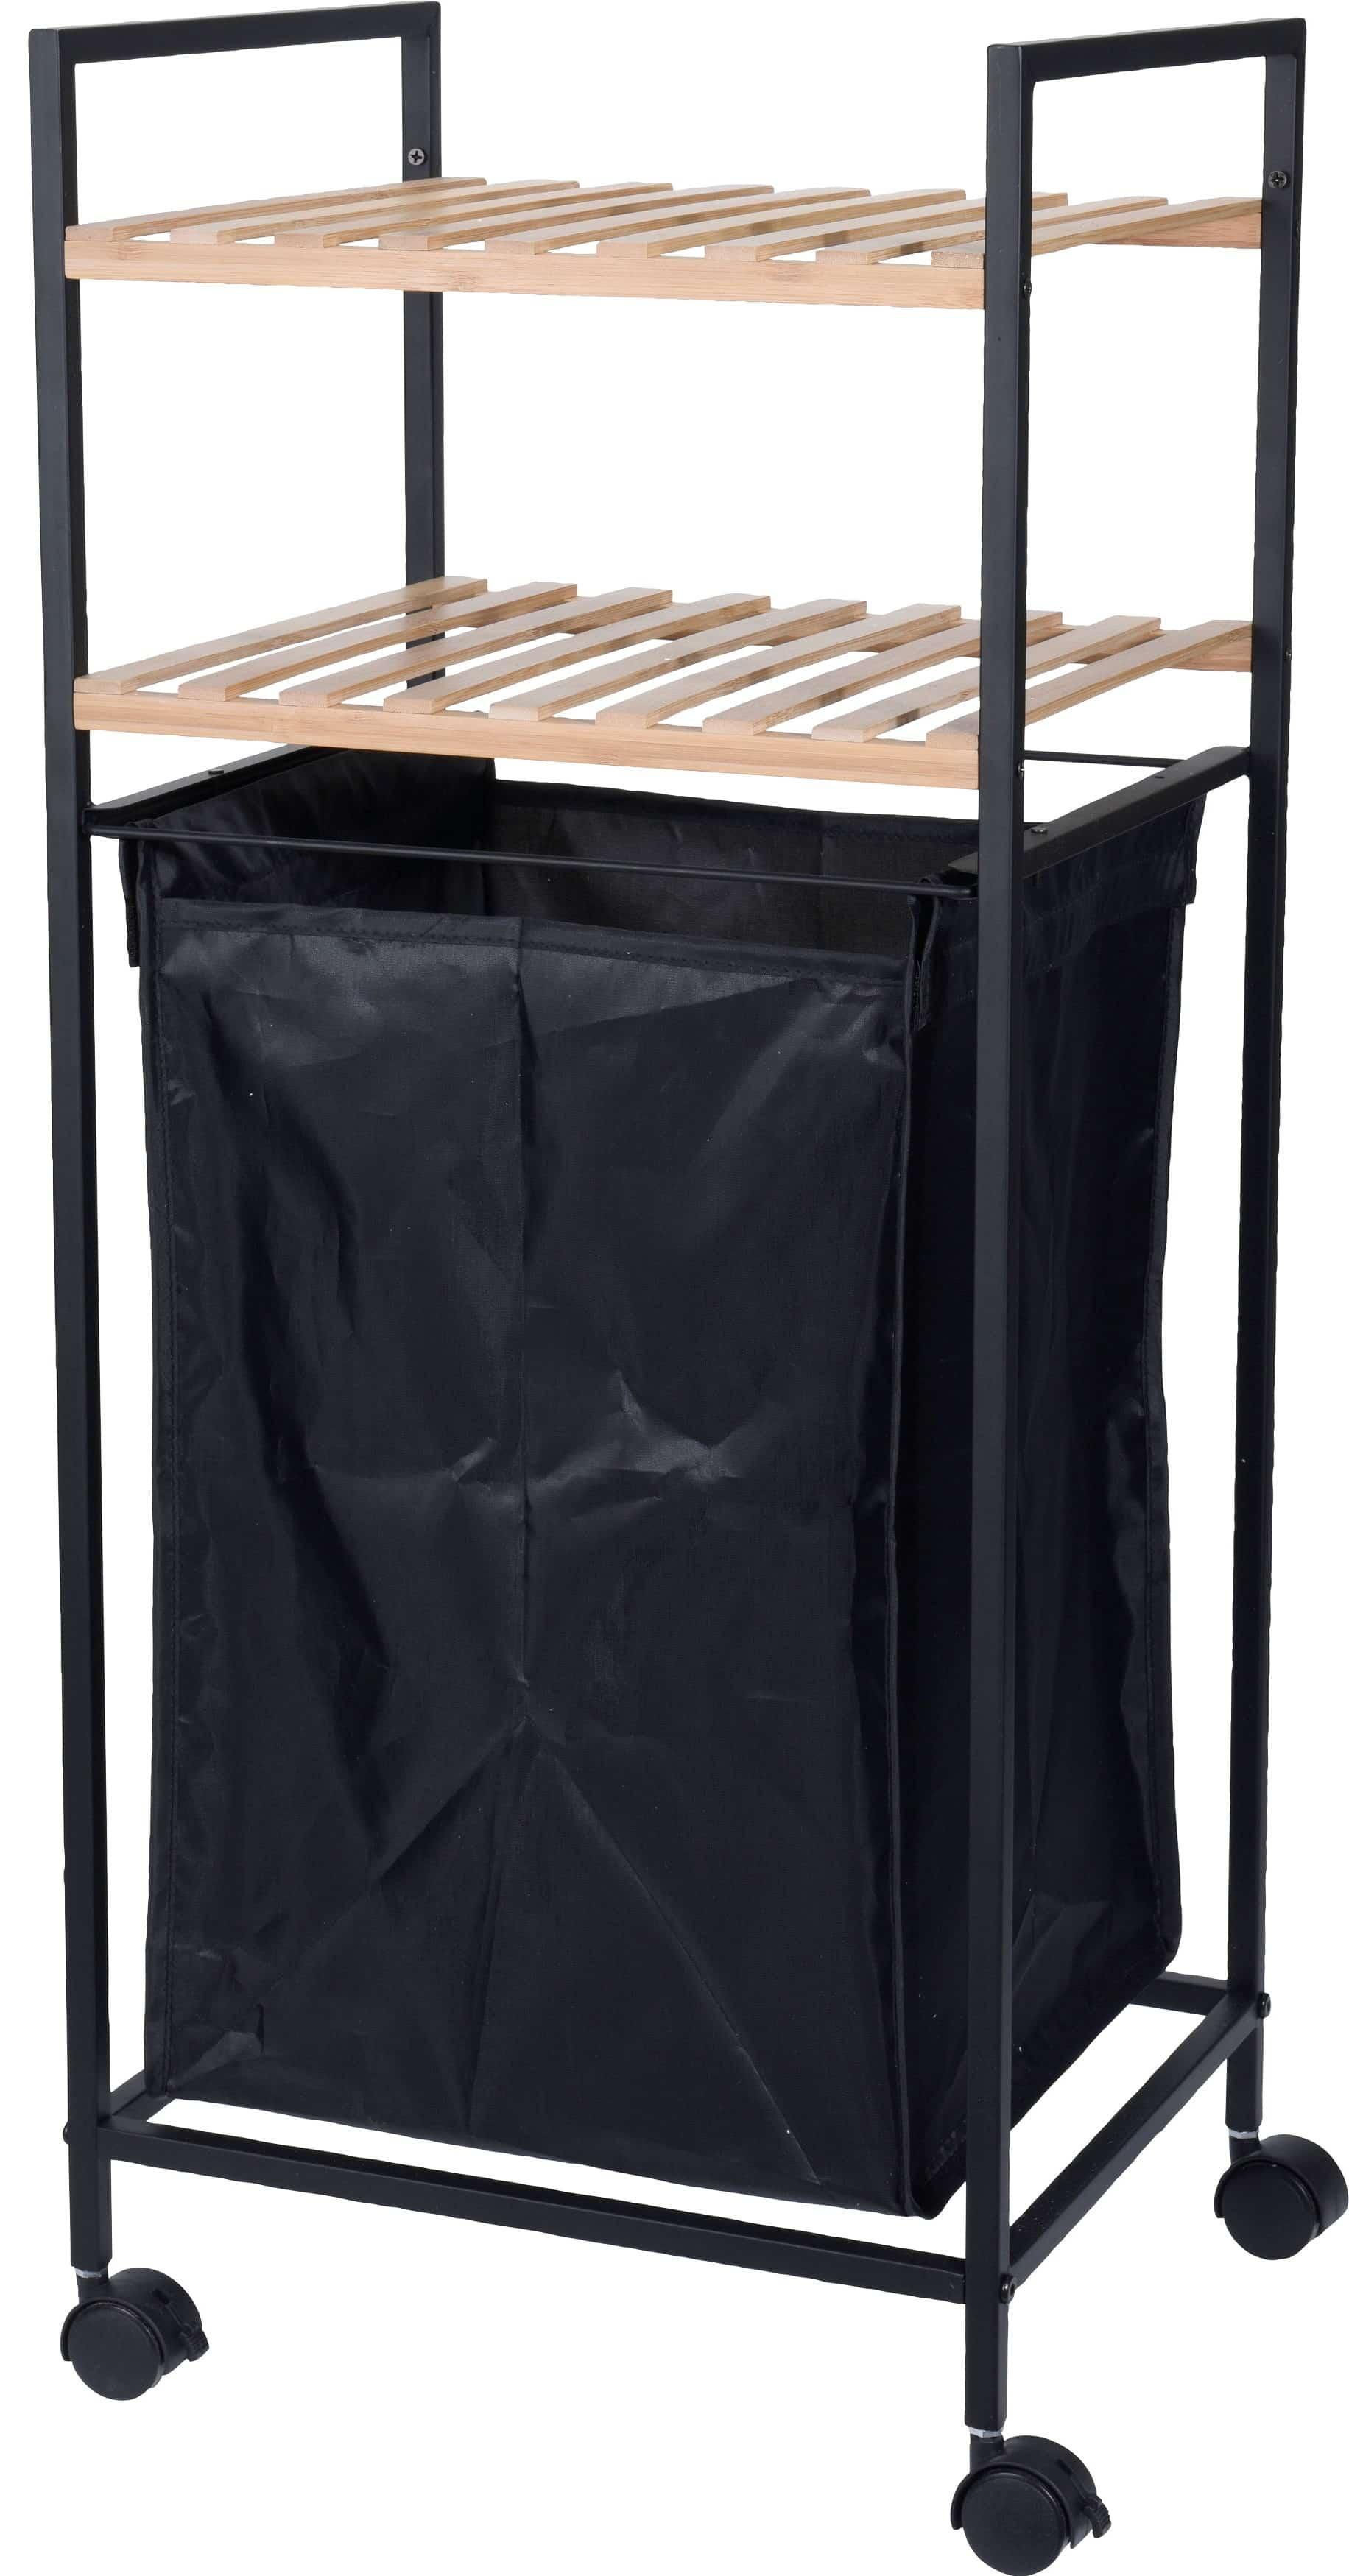 4goodz staand badkamerrek 33X34X79CM met wasmand - zwart/bamboe